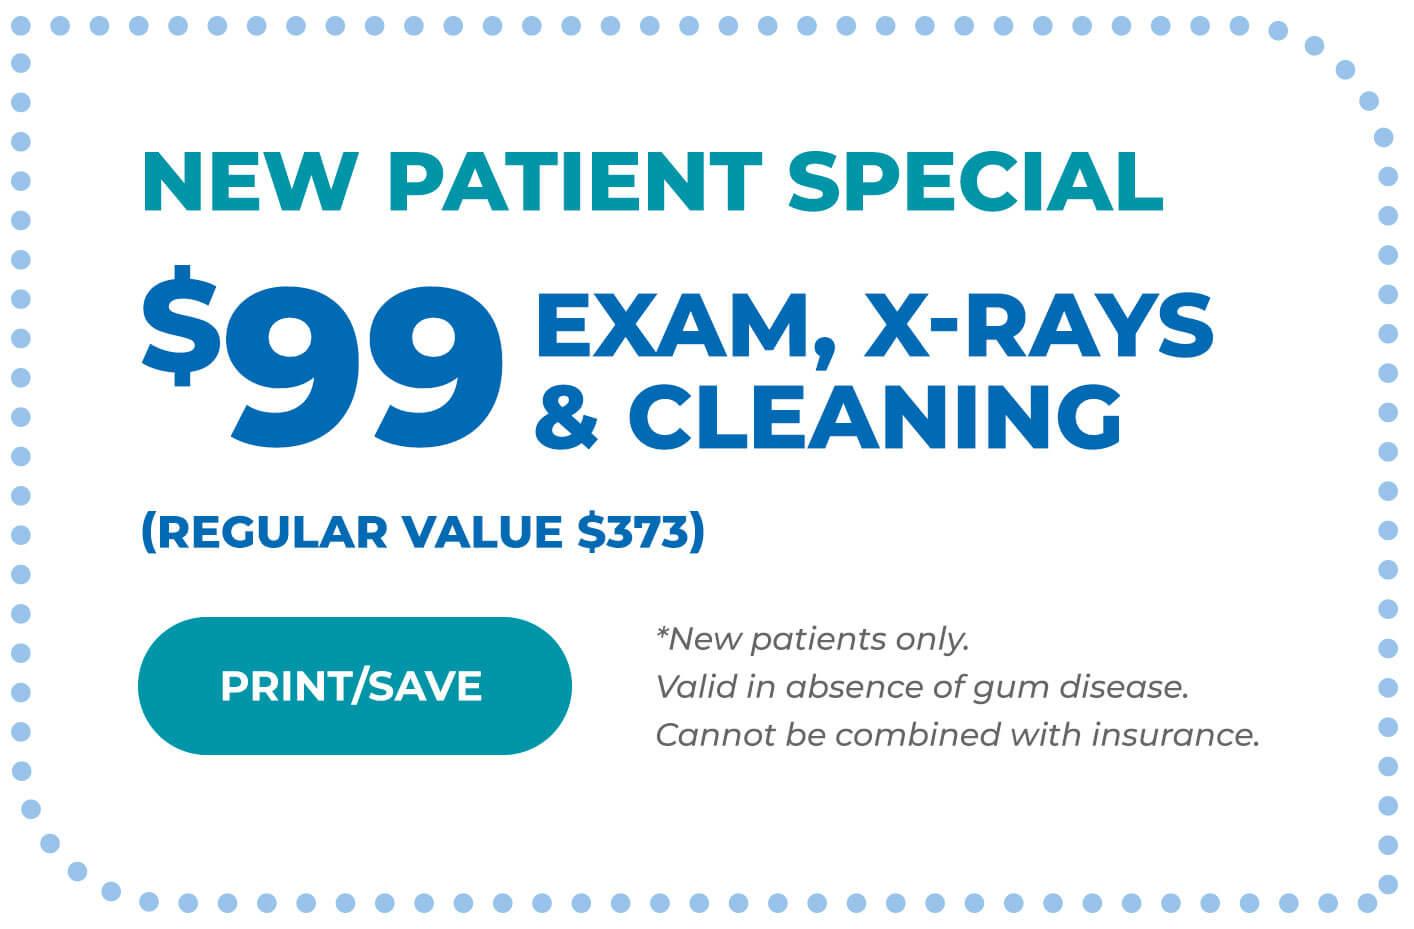 new patient specials